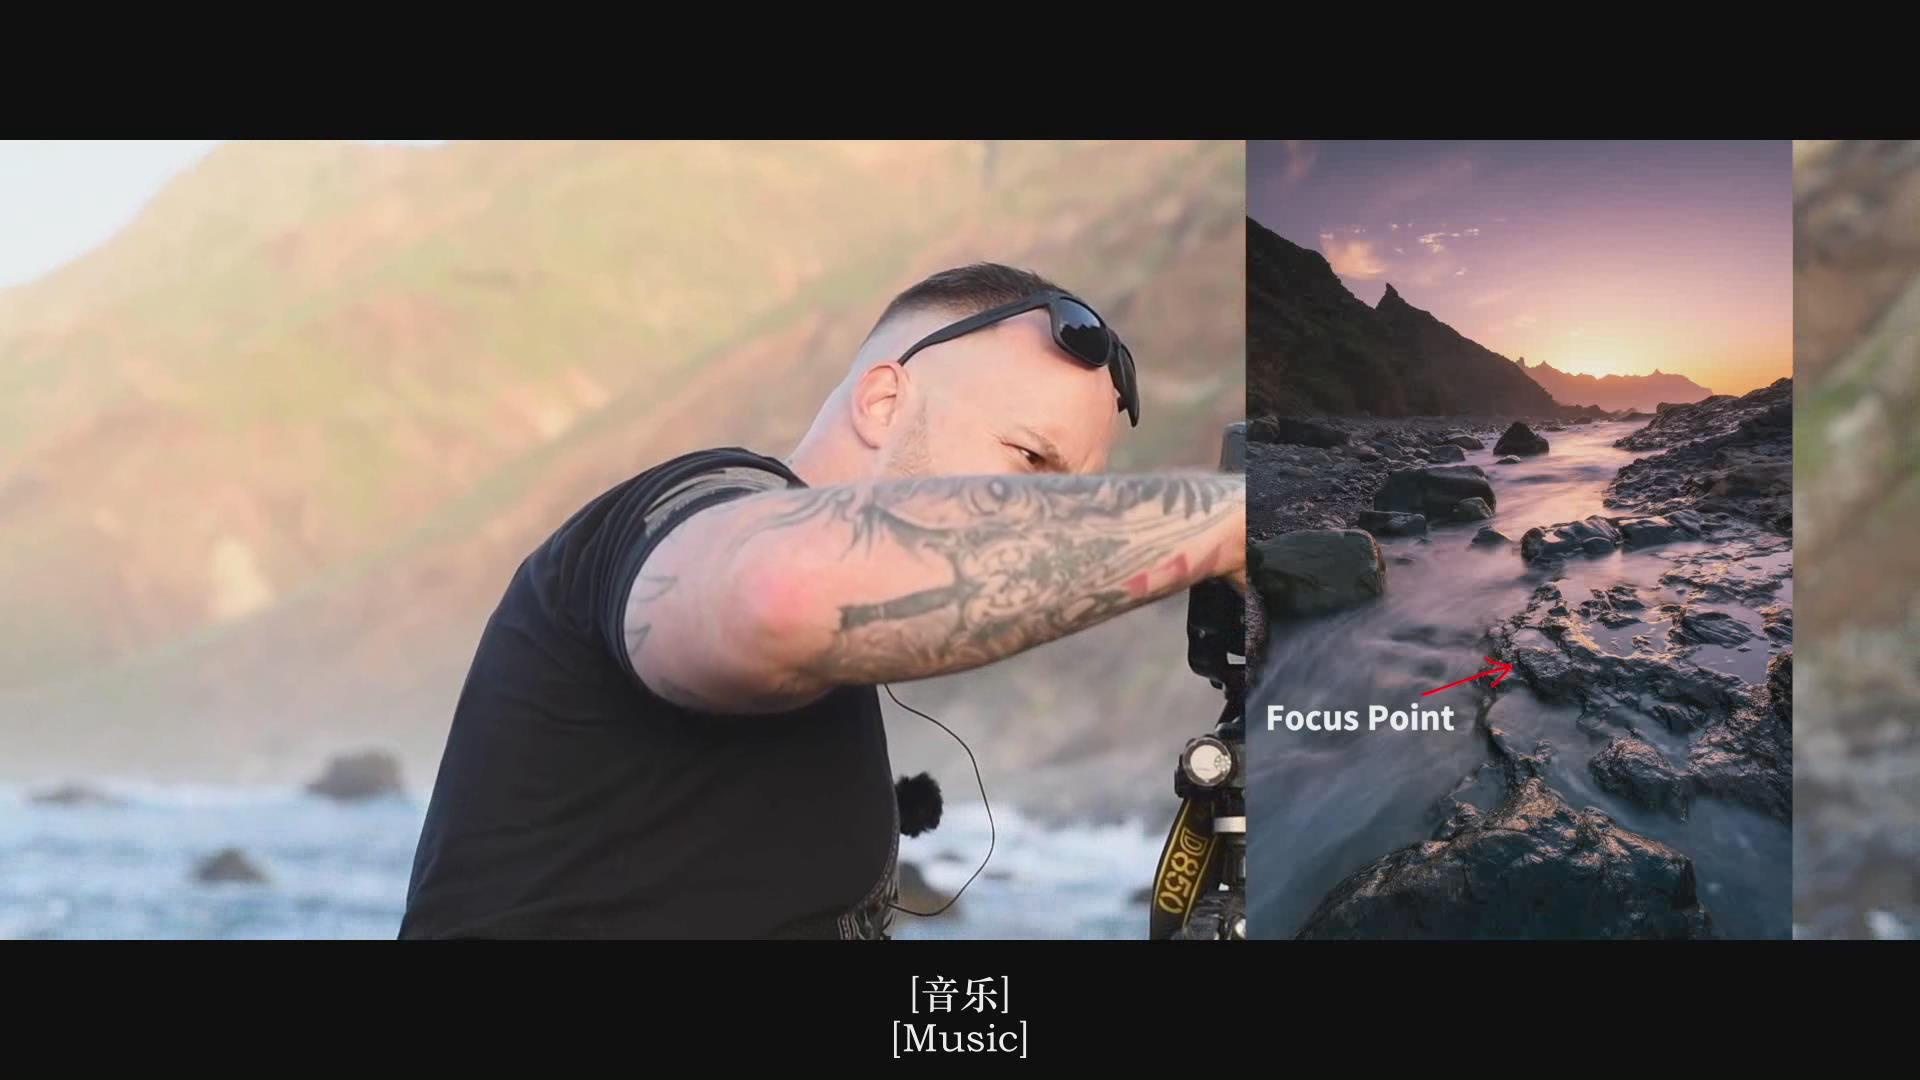 摄影教程_Fabio Antenore-风光摄影-海景长曝光摄影及后期教程附RAW素材-中英字幕 摄影教程 _预览图17